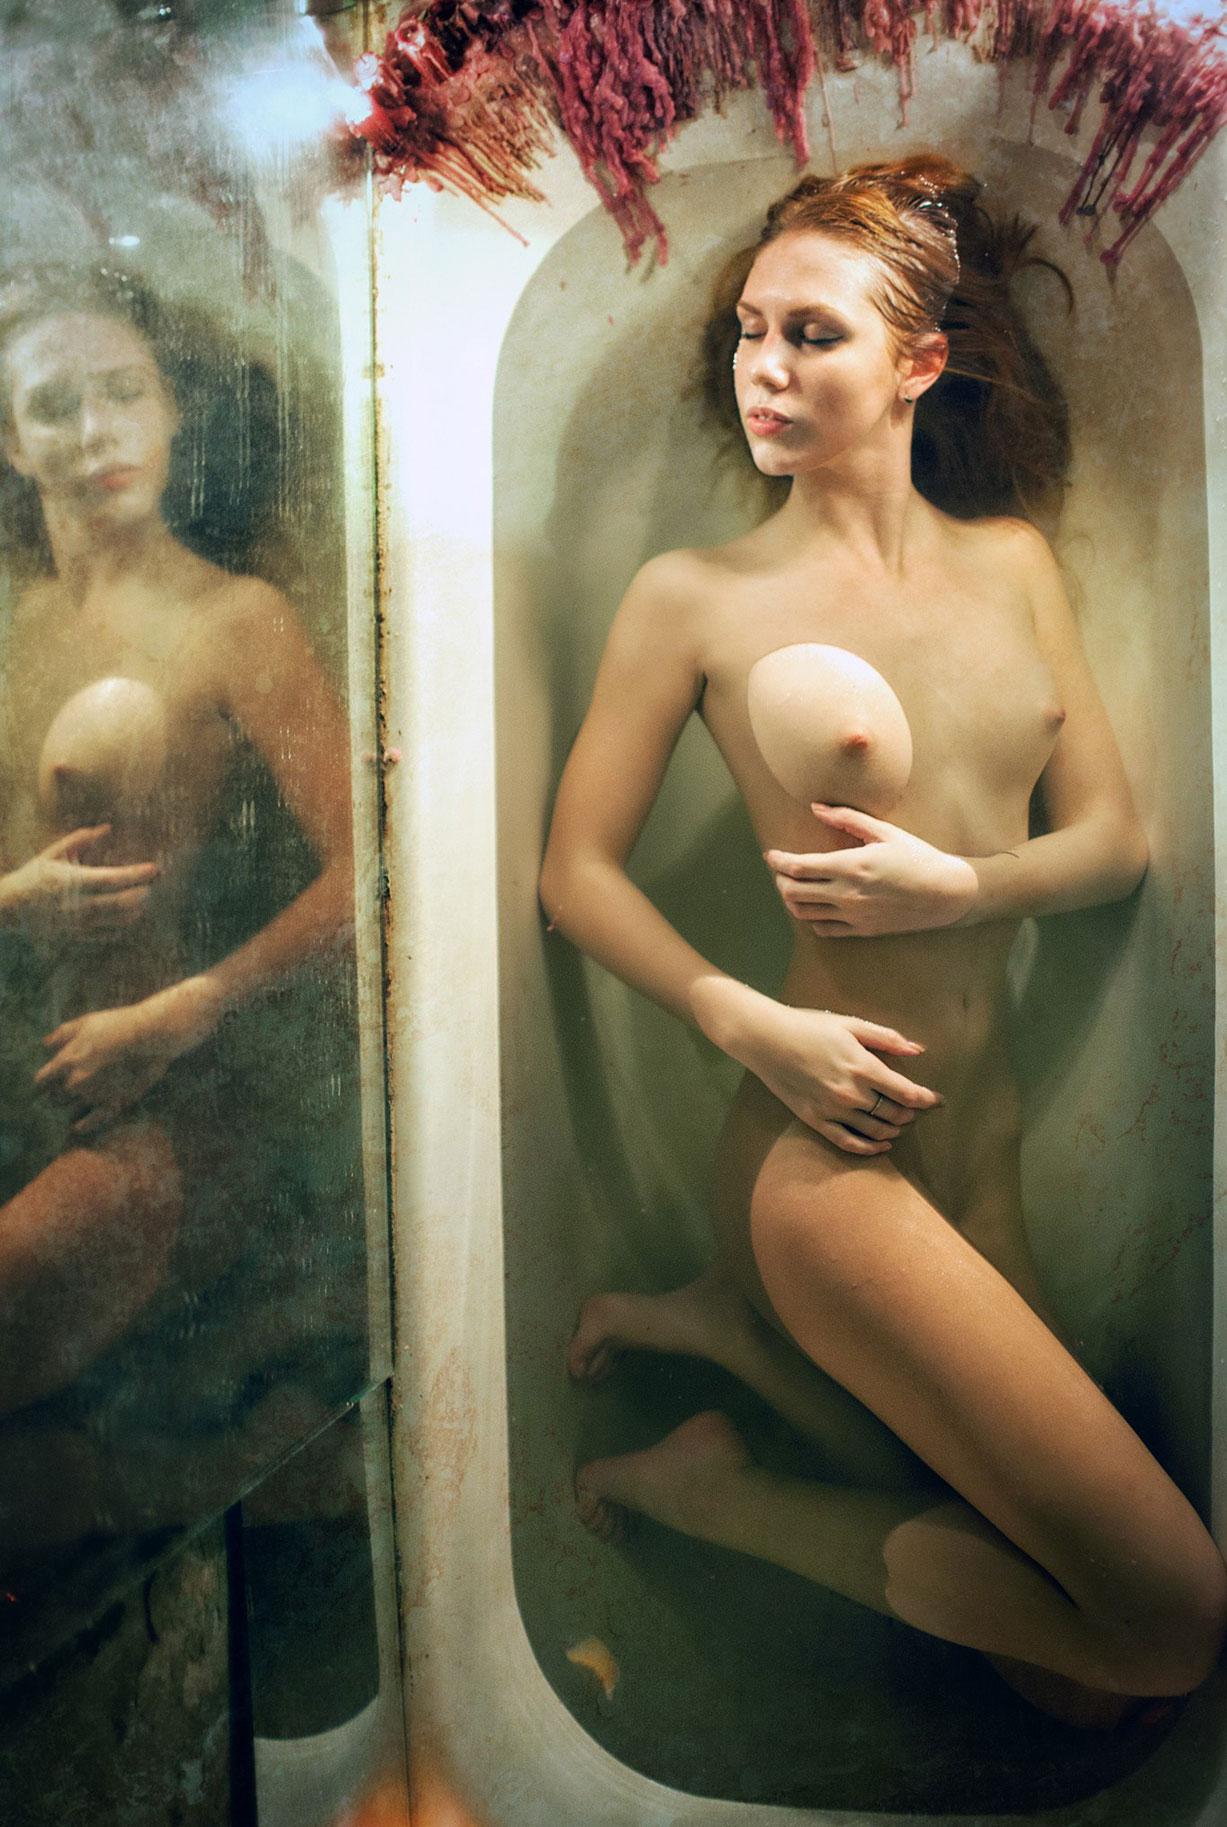 подборка фотографий сексуальных голых девушек - Anna Bauer